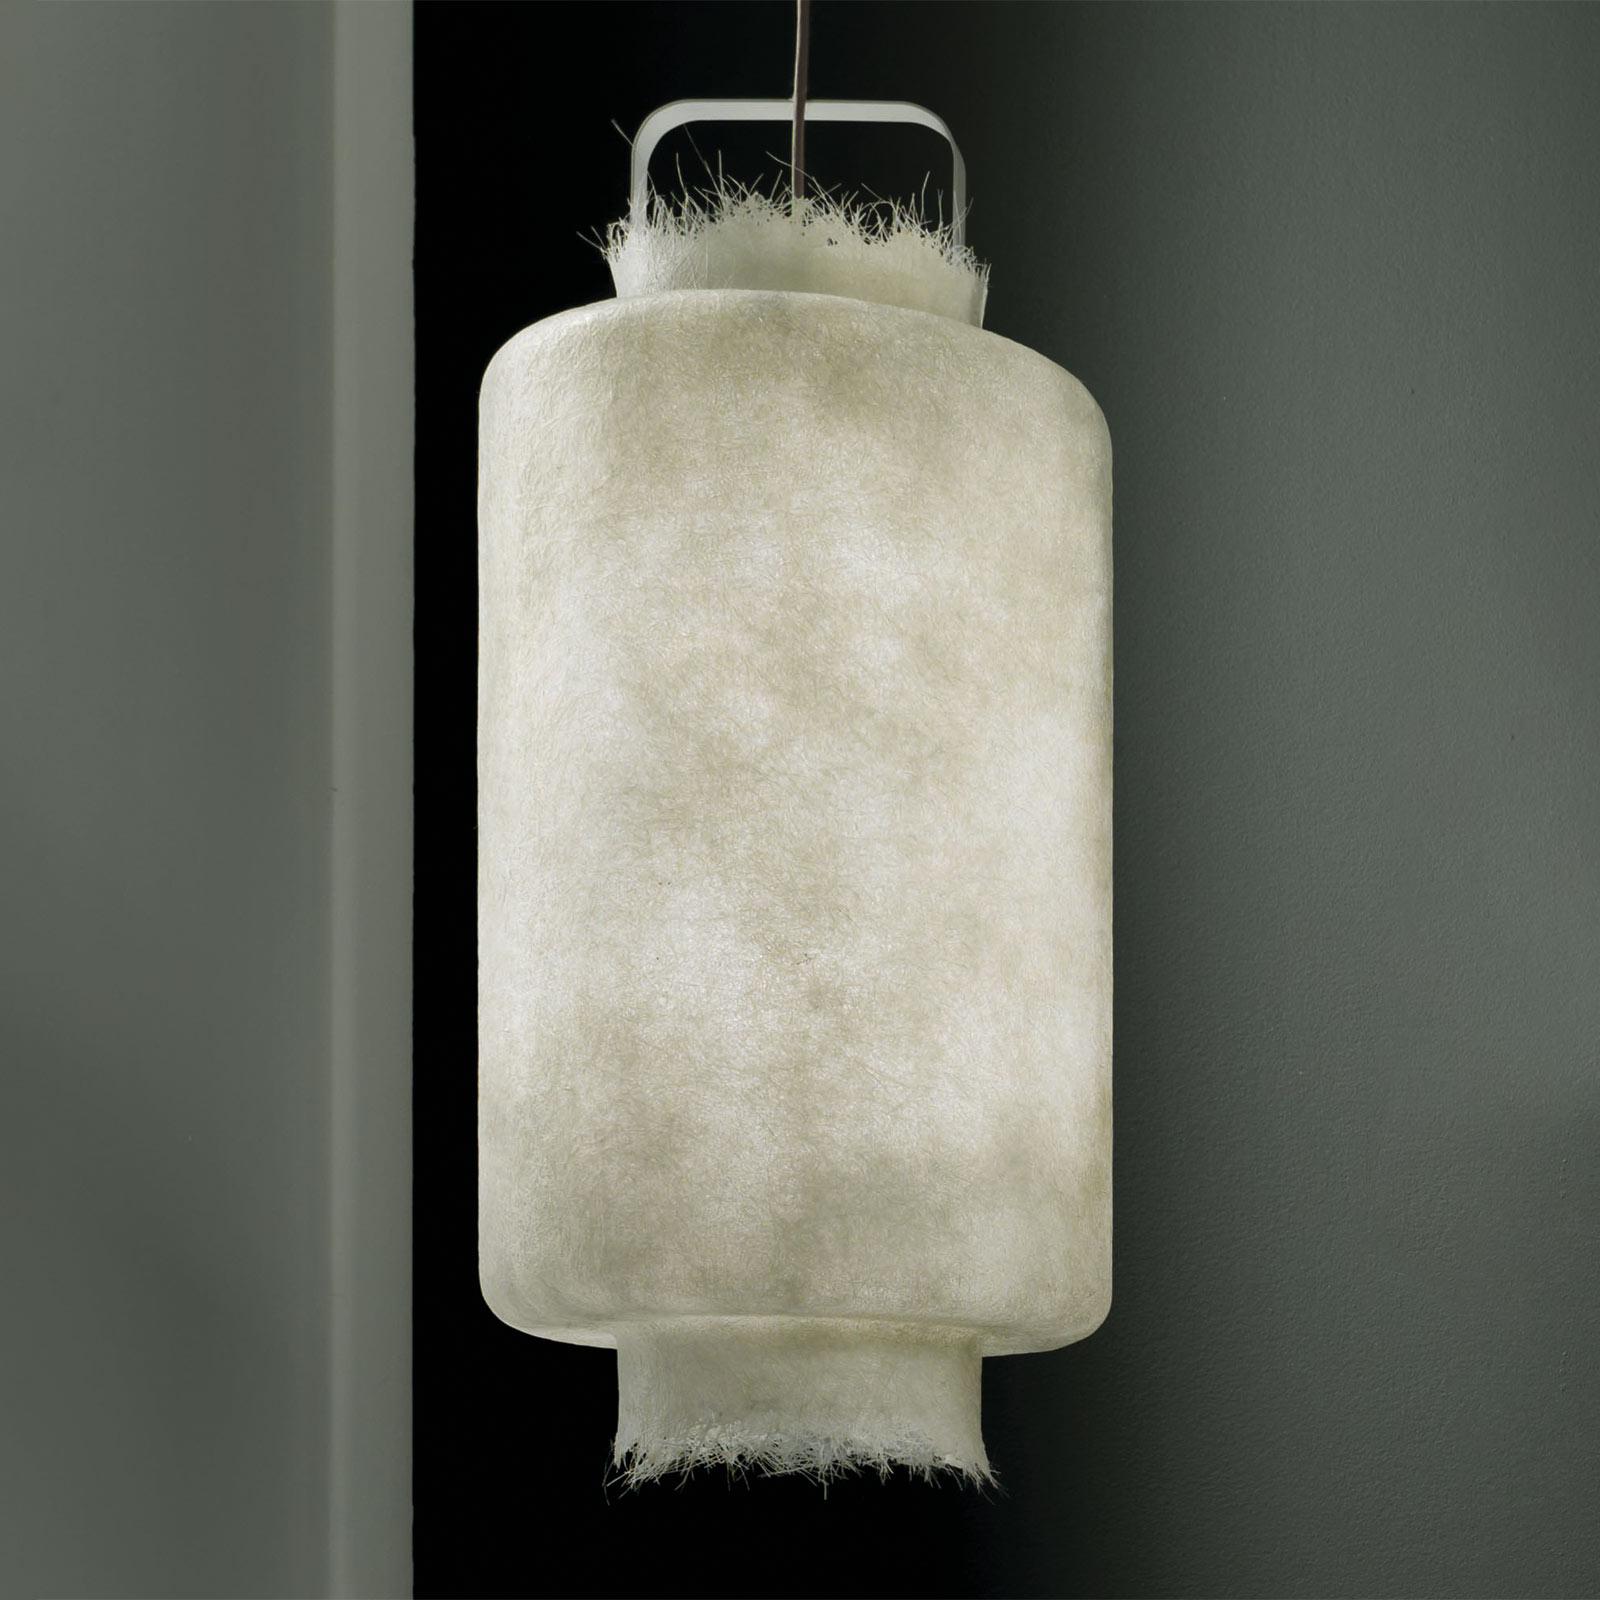 Karman Kimono LED buiten hanglamp, Ø 40 cm